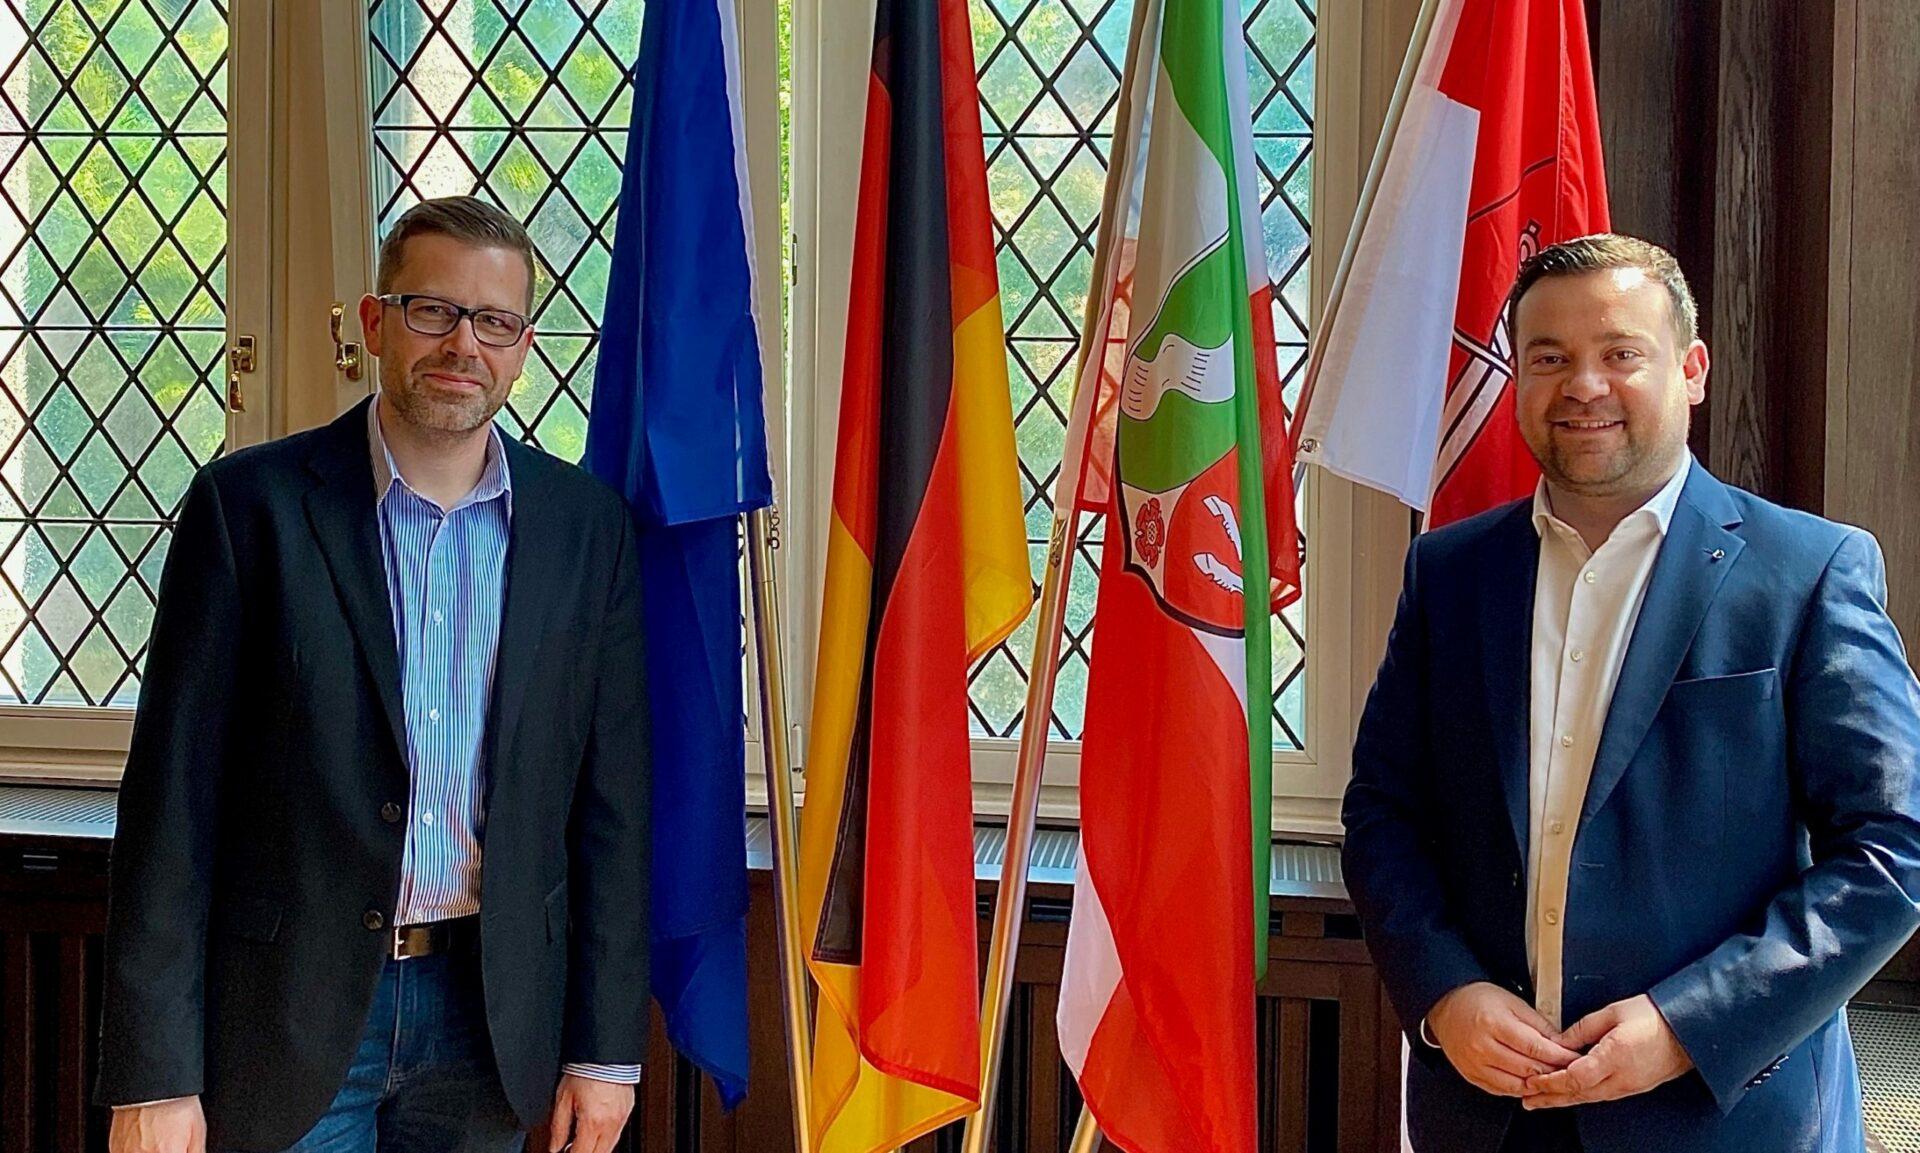 Bürgerdienst hat einen neuen Leiter: Daniel Lindemann übernimmt